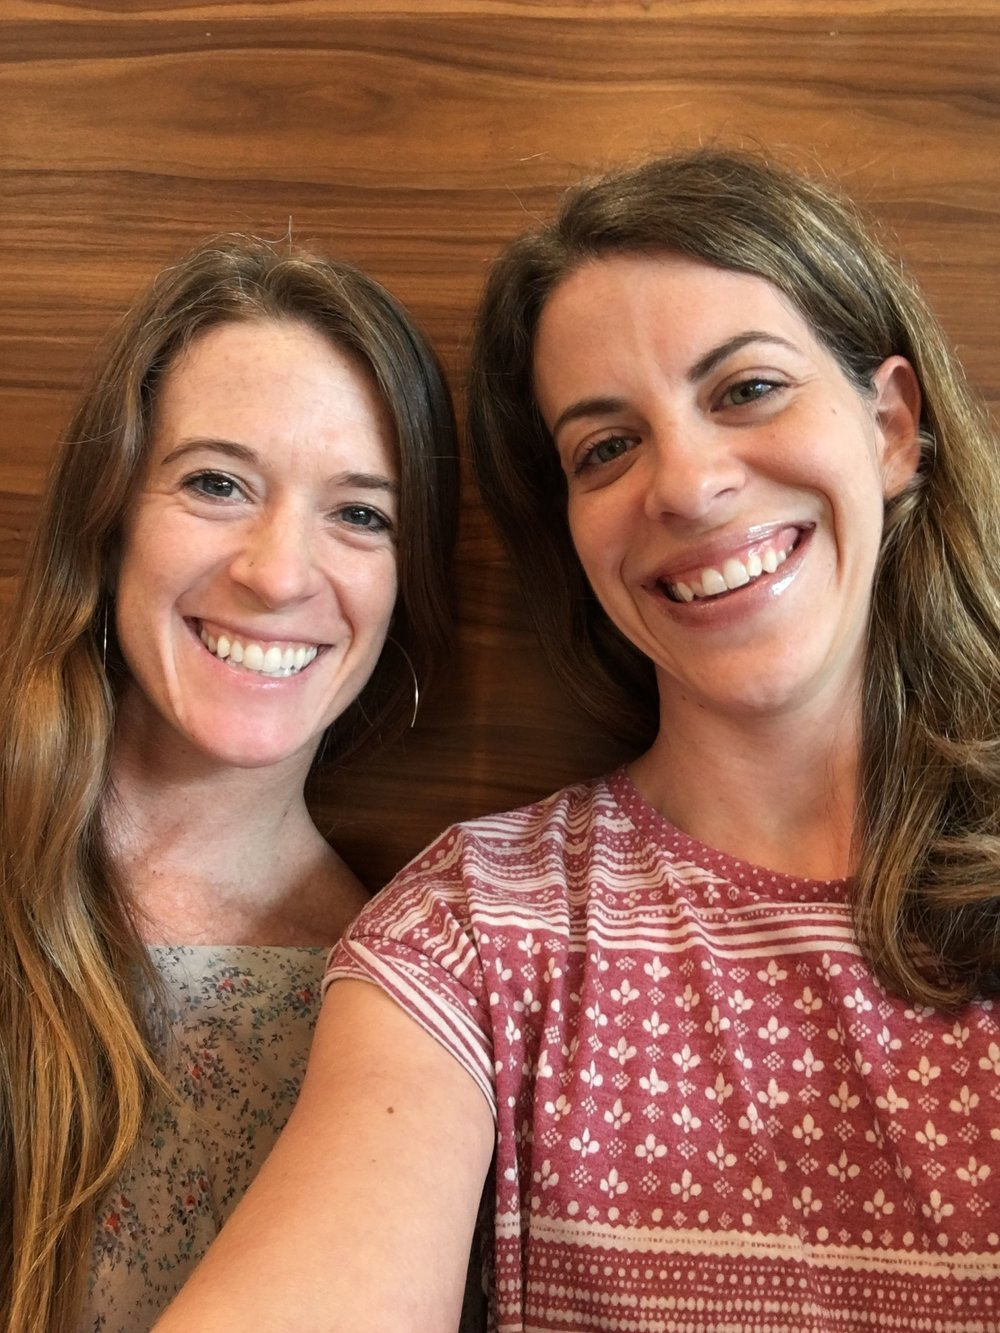 Susan Lambert (Left) and Jannan Poppen (Right)